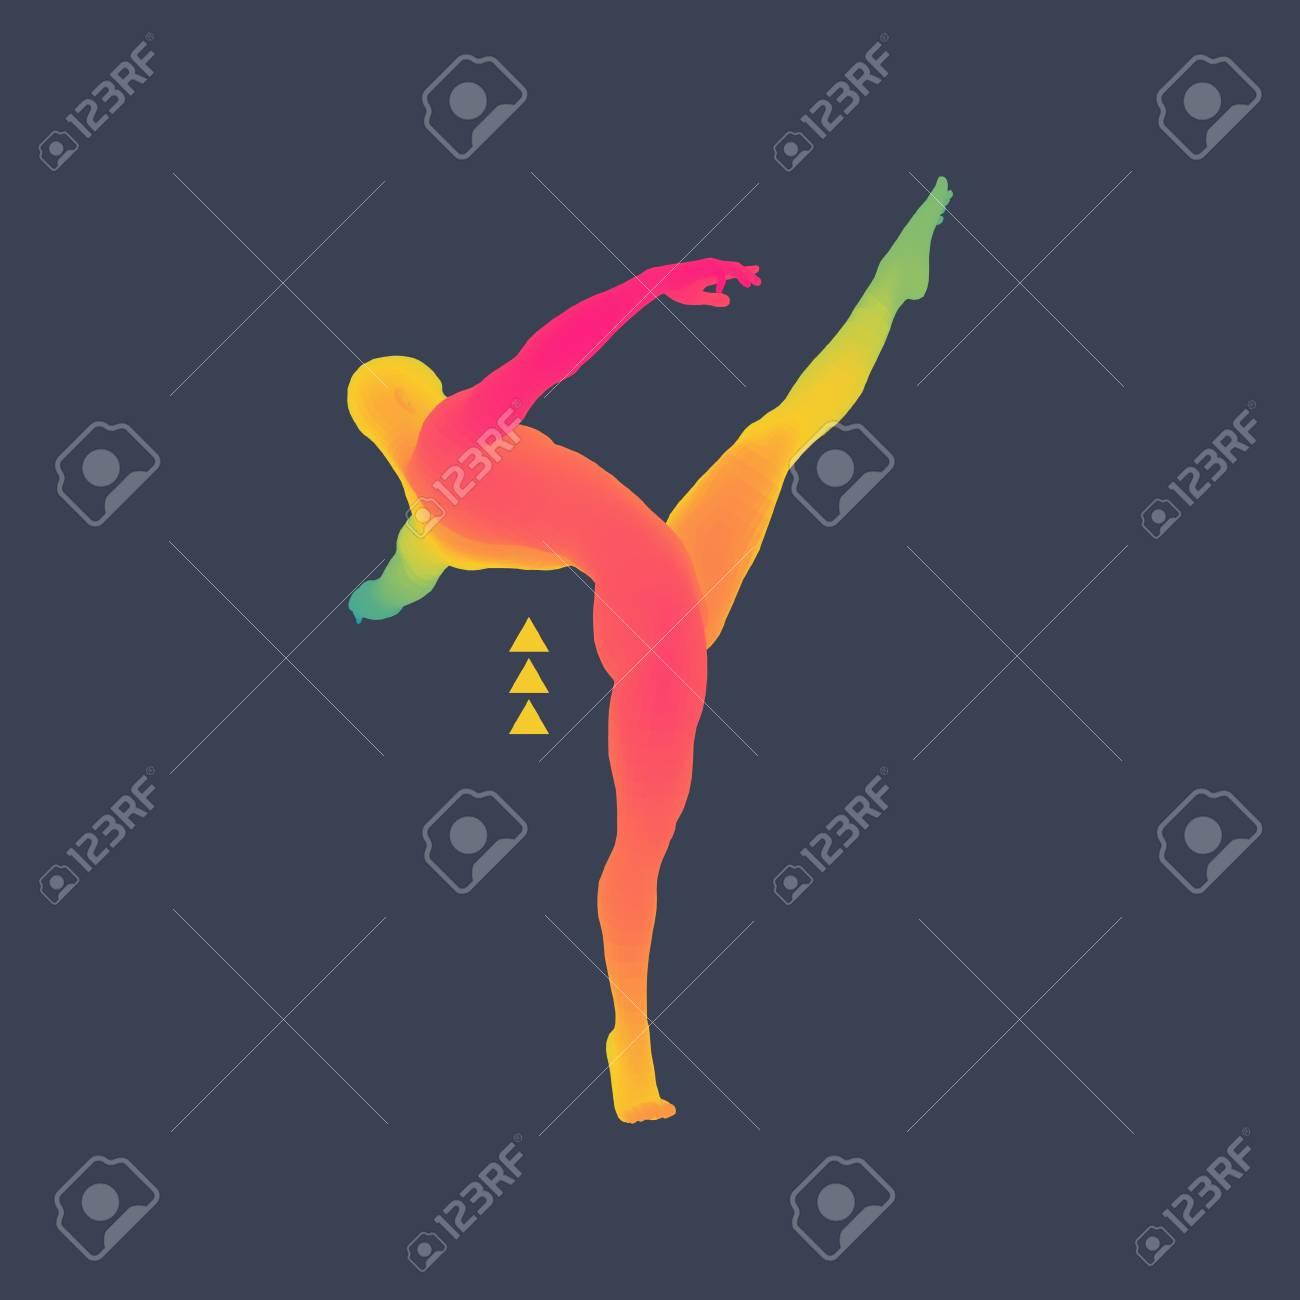 Gymnaste. Modèle 3D De L'homme. Modèle Du Corps Humain. Activités De  Gymnastique Pour Icon Health And Community Fitness. destiné Activité Corps Humain